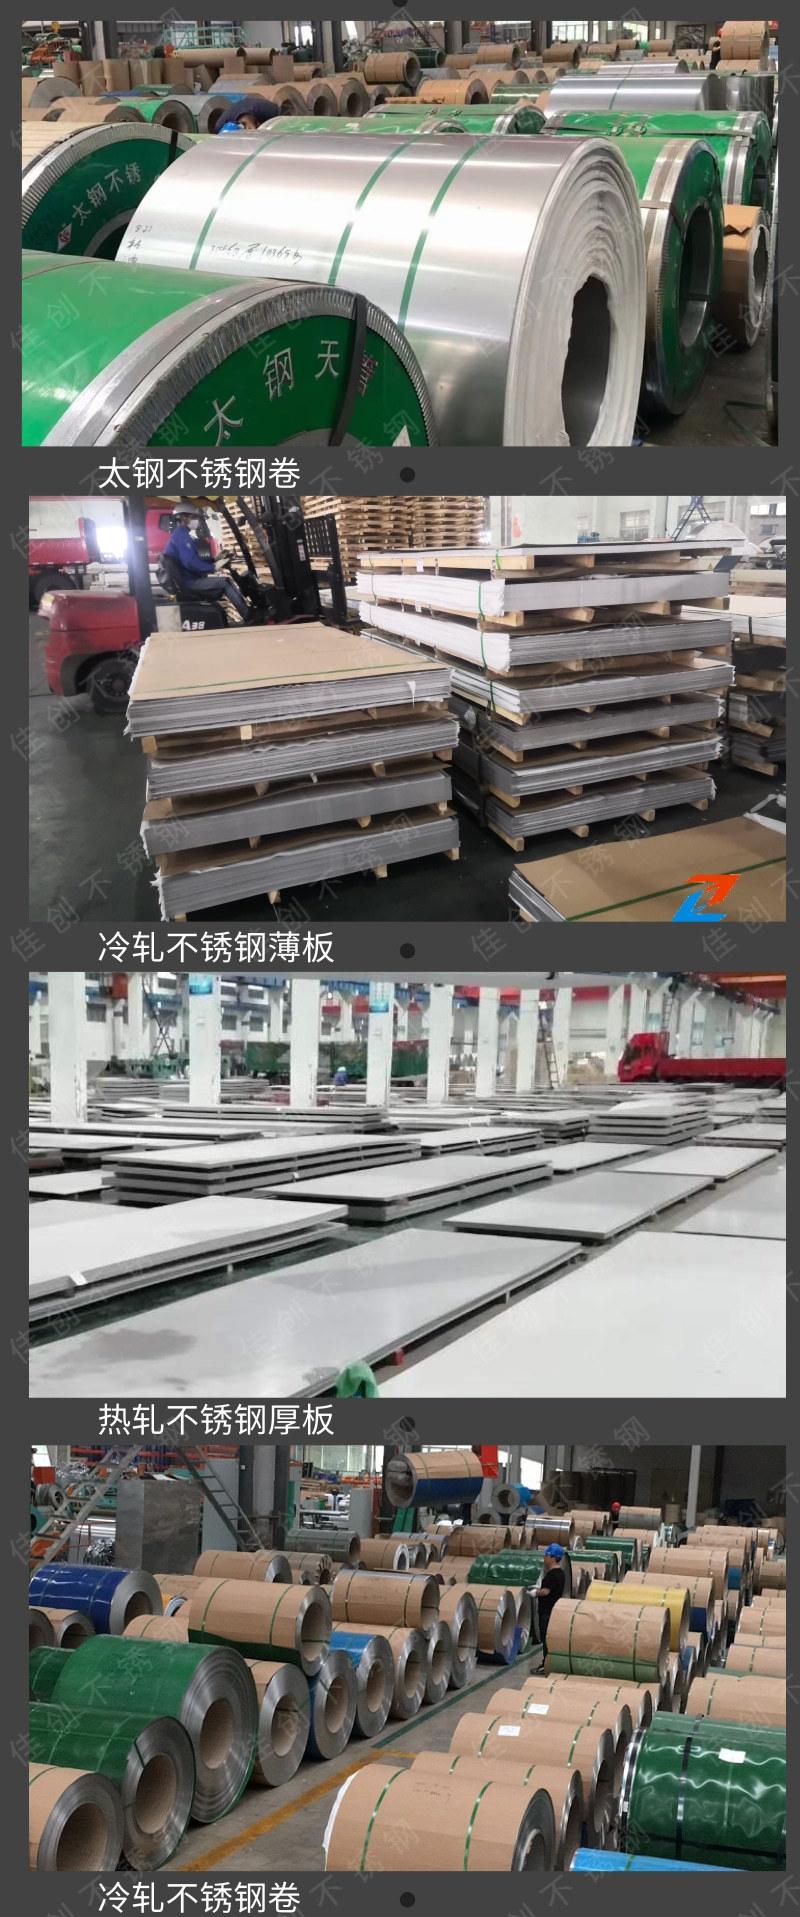 2月26號304不銹鋼板價格表 今天304不銹鋼價格示例圖19